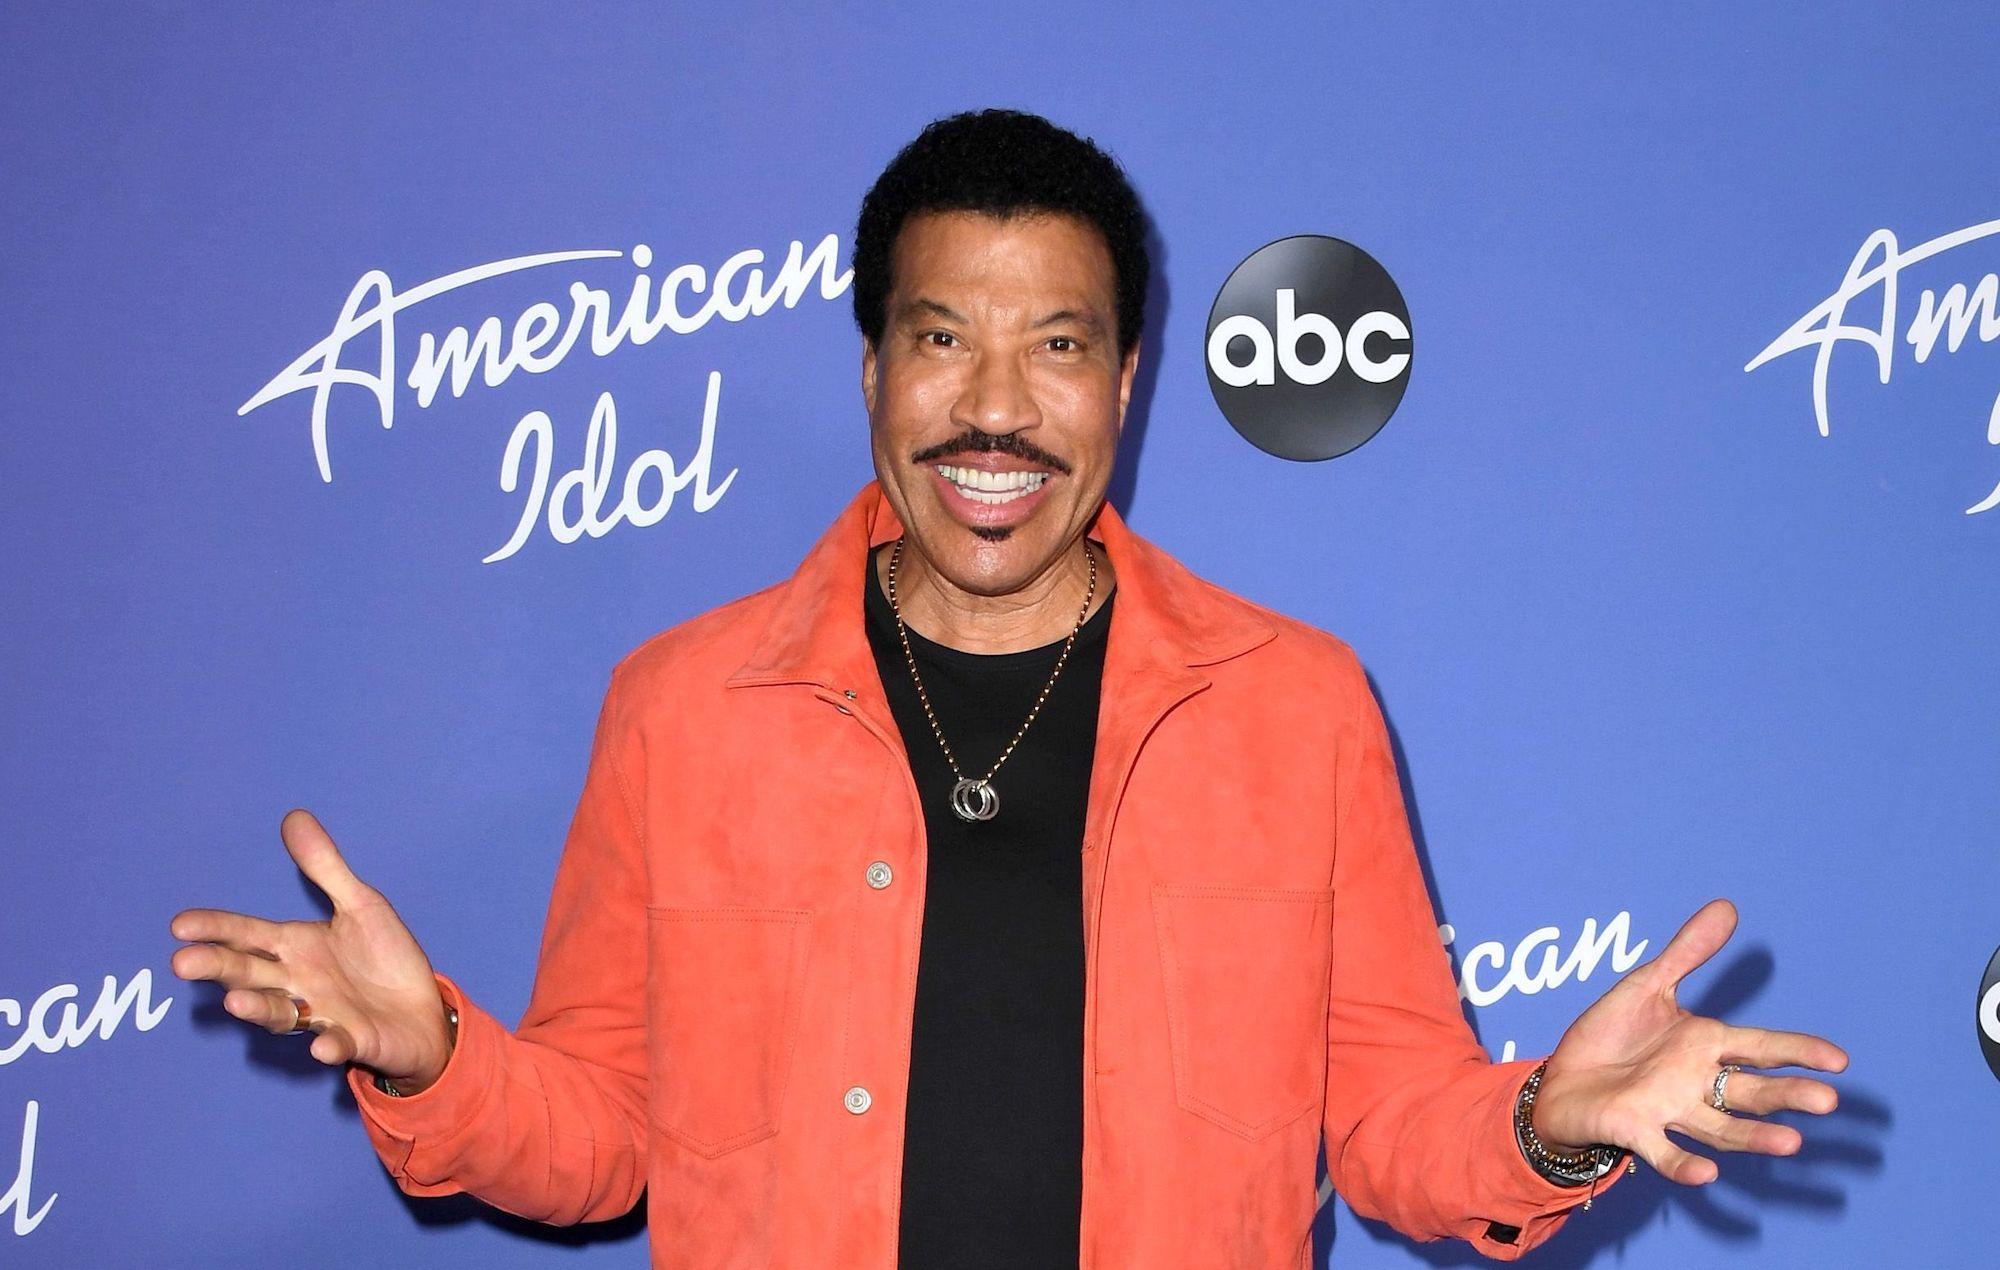 Lionel Richie Biography